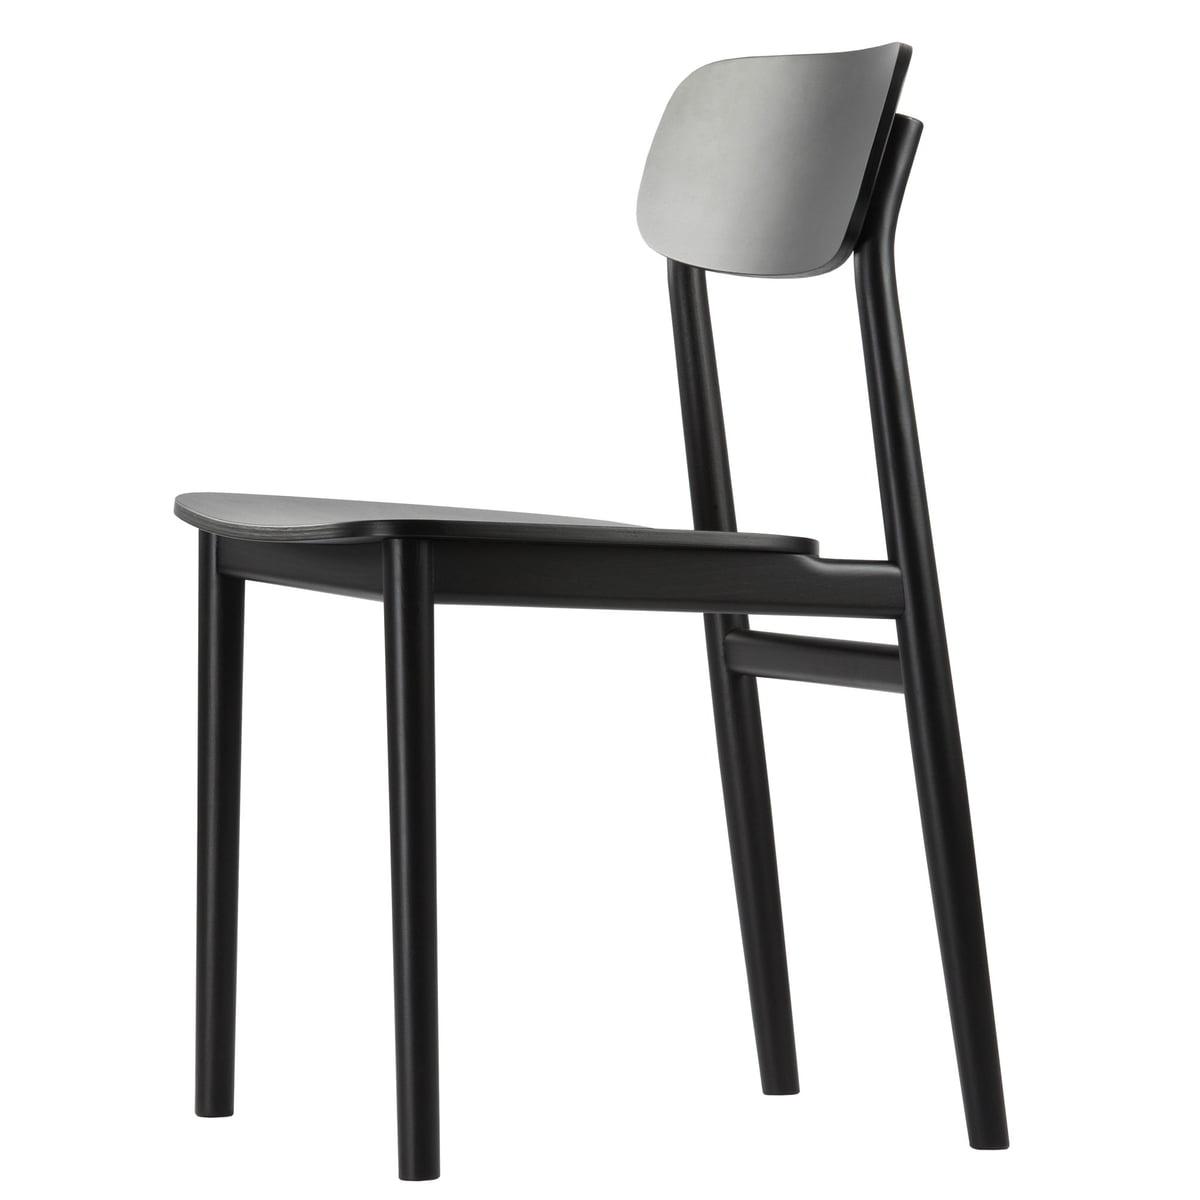 Thonet 130 stuhl buche schwarz gebeizt tp 29 schwarz for Thonet esszimmerstuhle